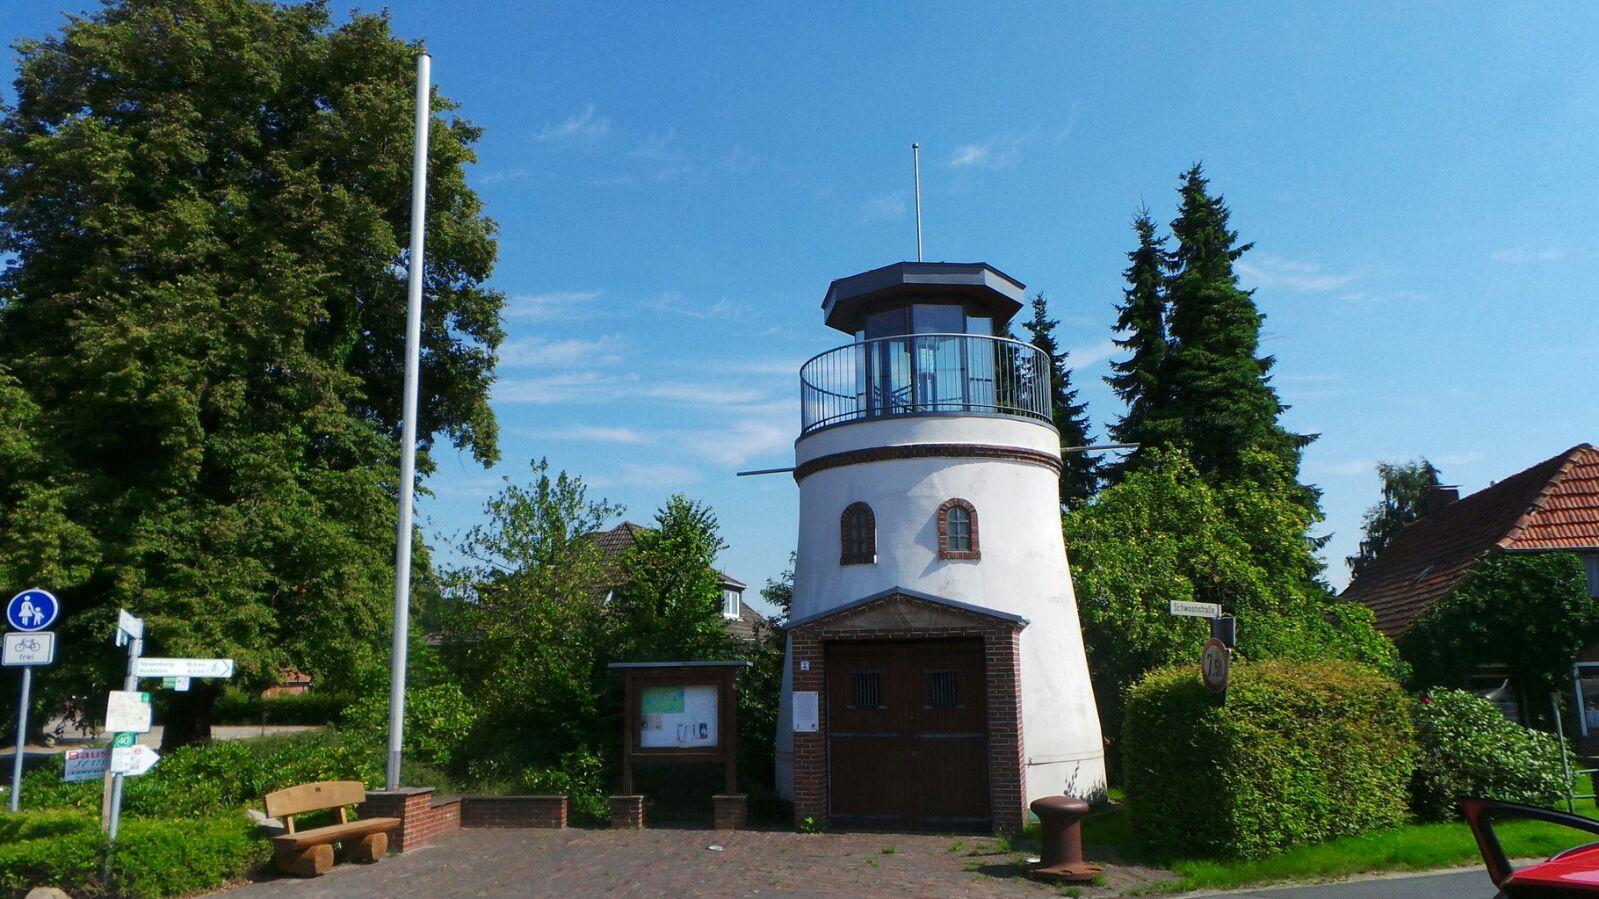 Schifffahrtsdenkmal in Steinhausen.